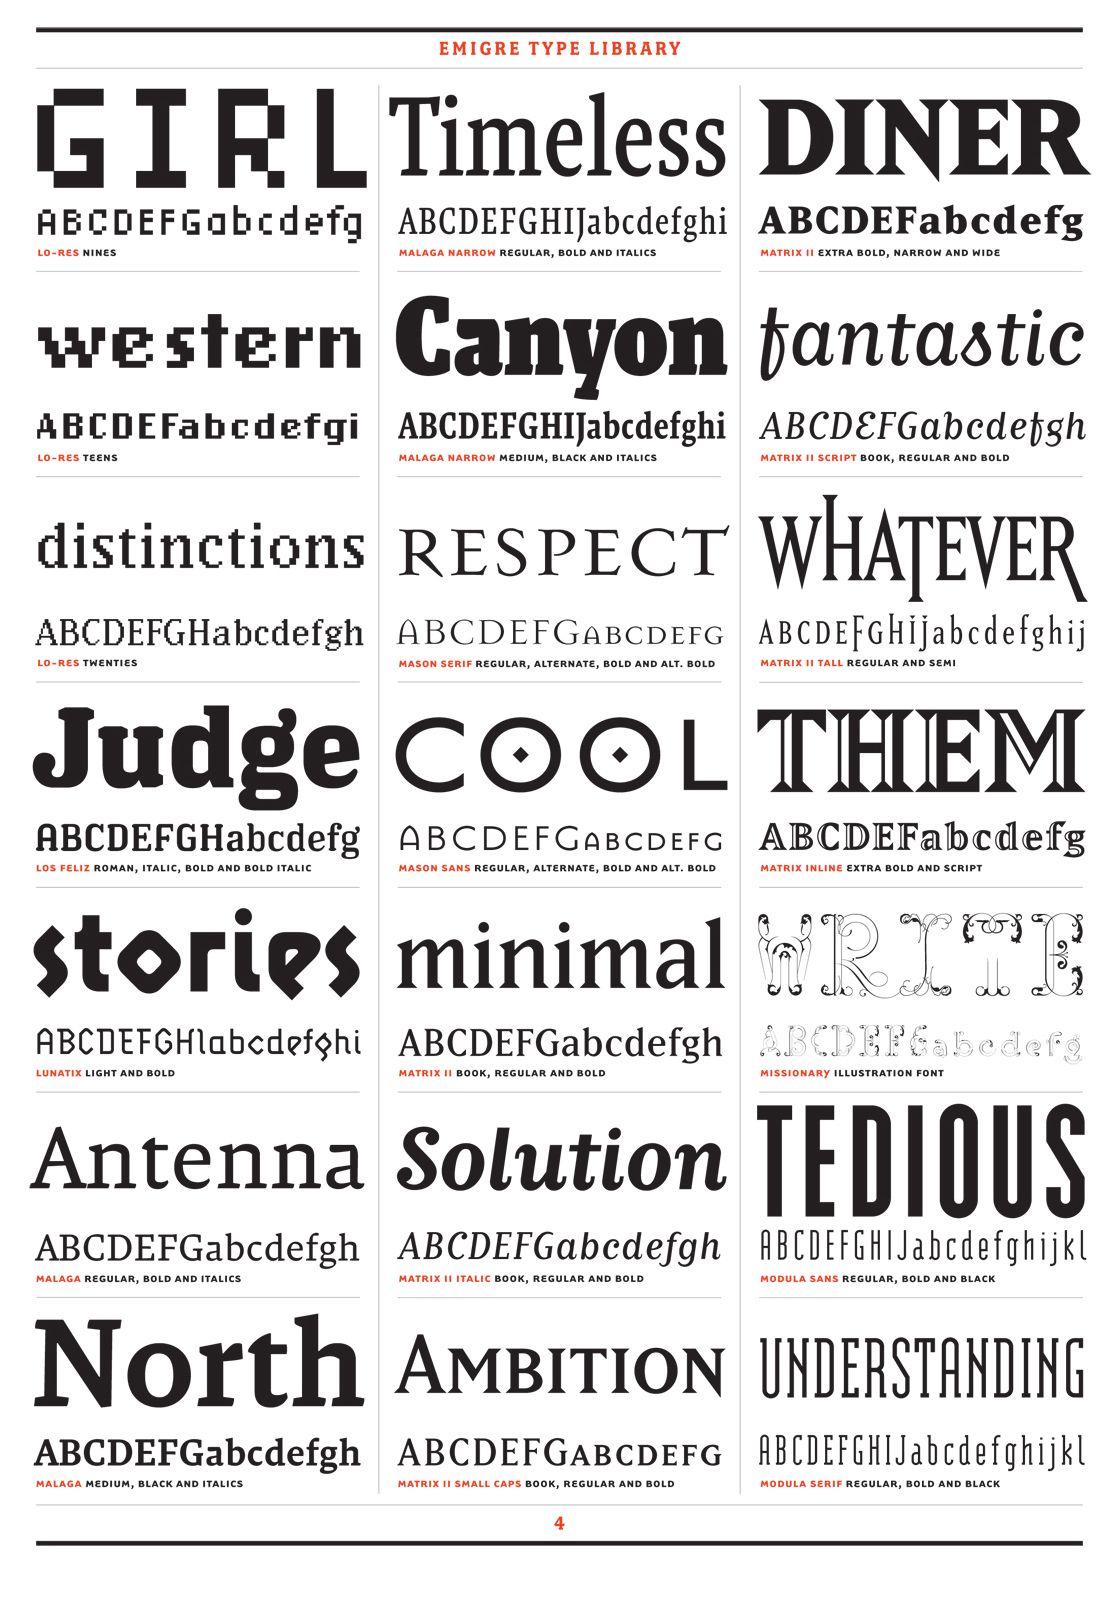 Emigre Font Library Specimens: Diner, Judge, Minimal, and